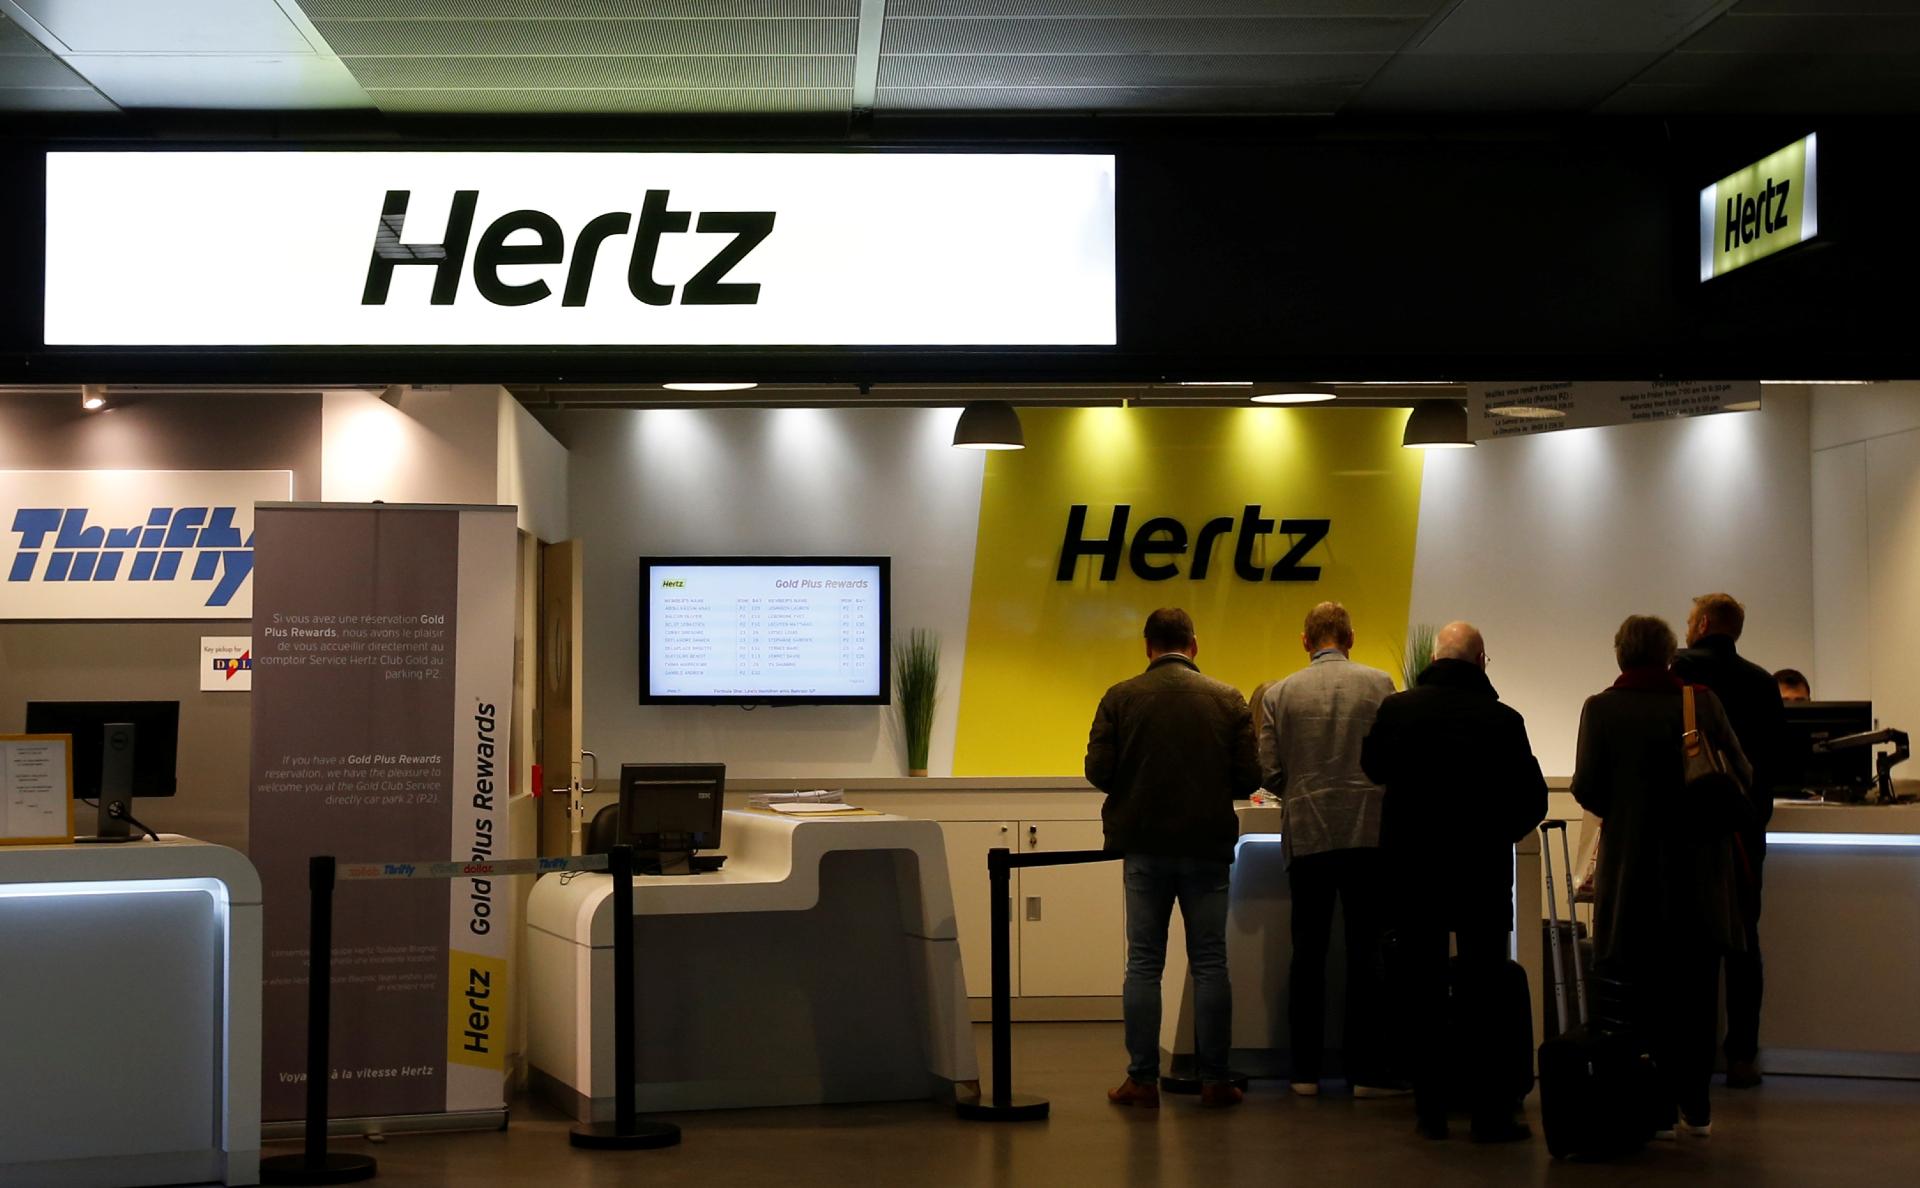 Сервис аренды автомобилей Hertz подал заявление о банкротстве